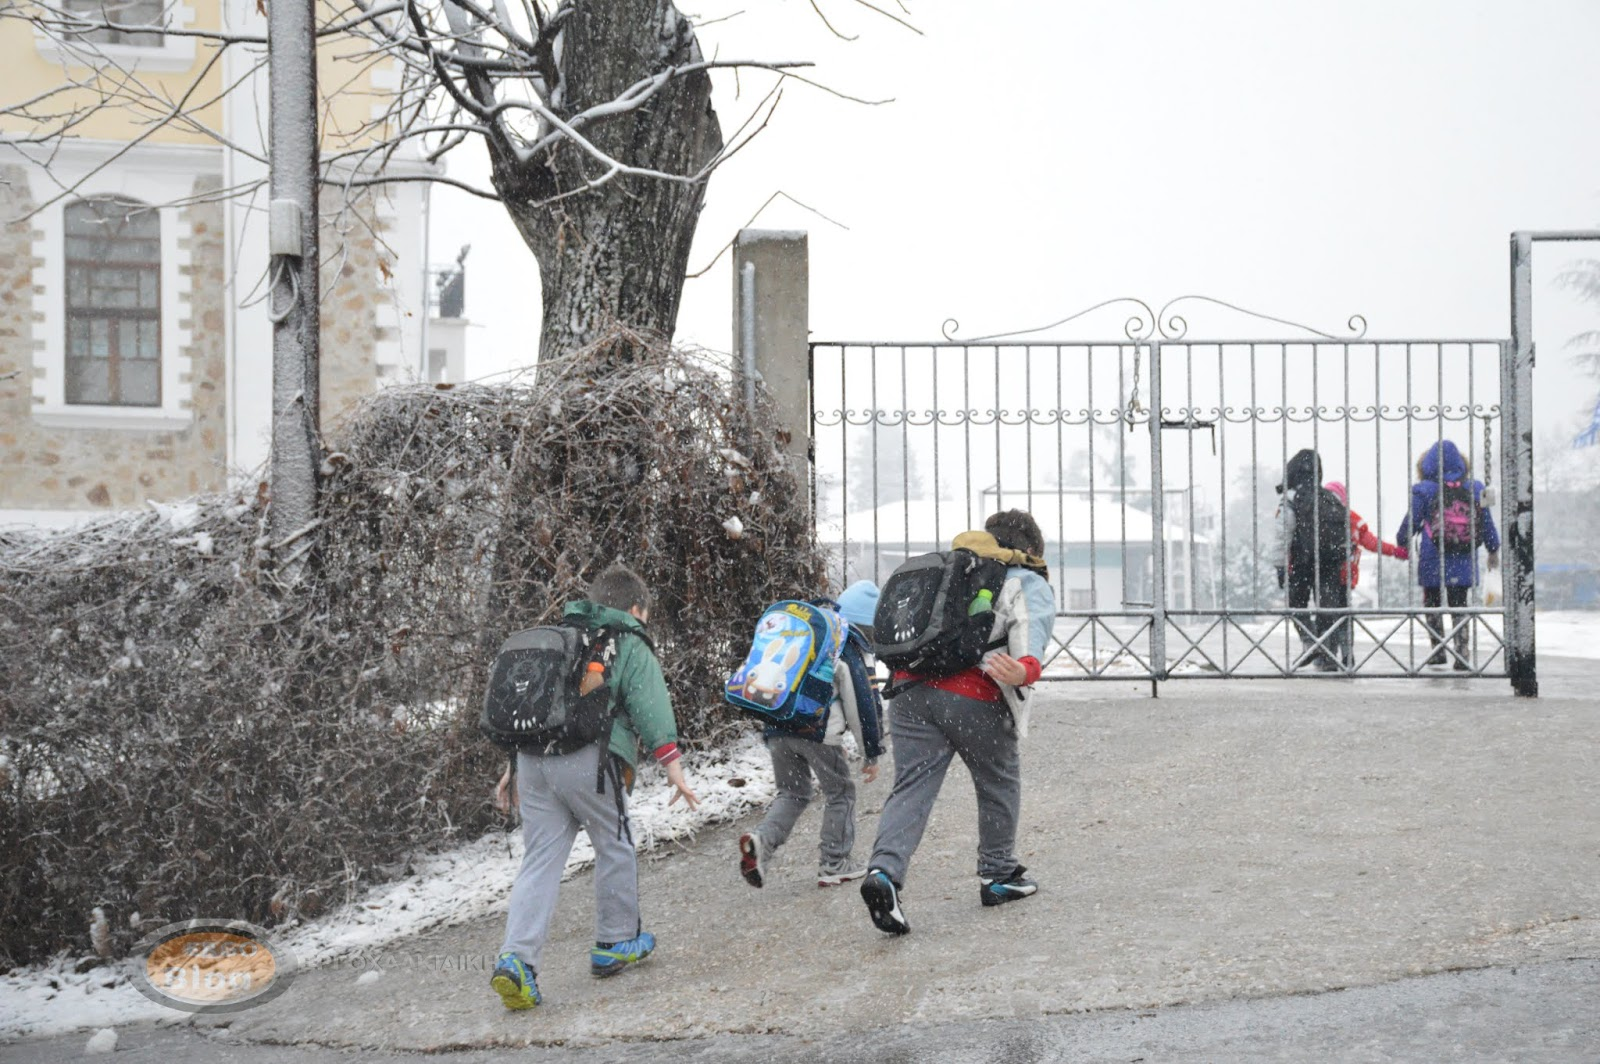 Δείτε πως θα λειτουργήσουν αύριο τα σχολεία στον Δήμο Πολυγύρου και στο Δήμο Ν. Προποντίδας.